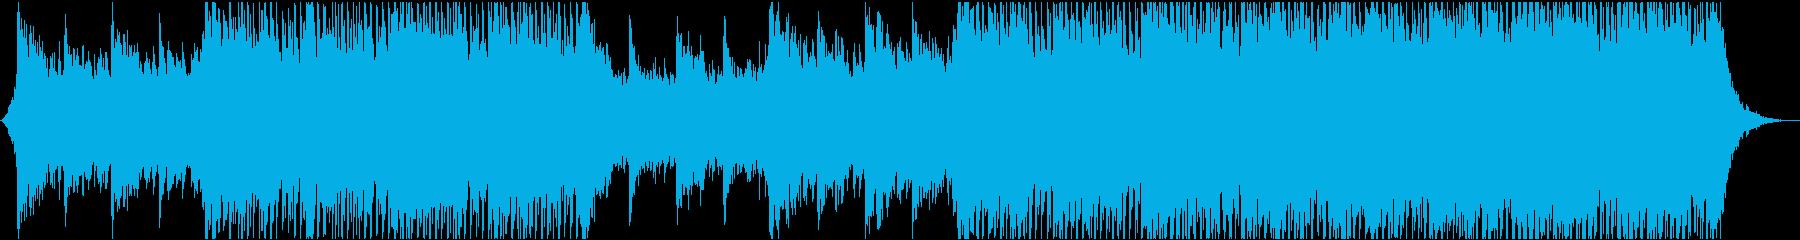 室内楽 クラシック 交響曲 コーポ...の再生済みの波形